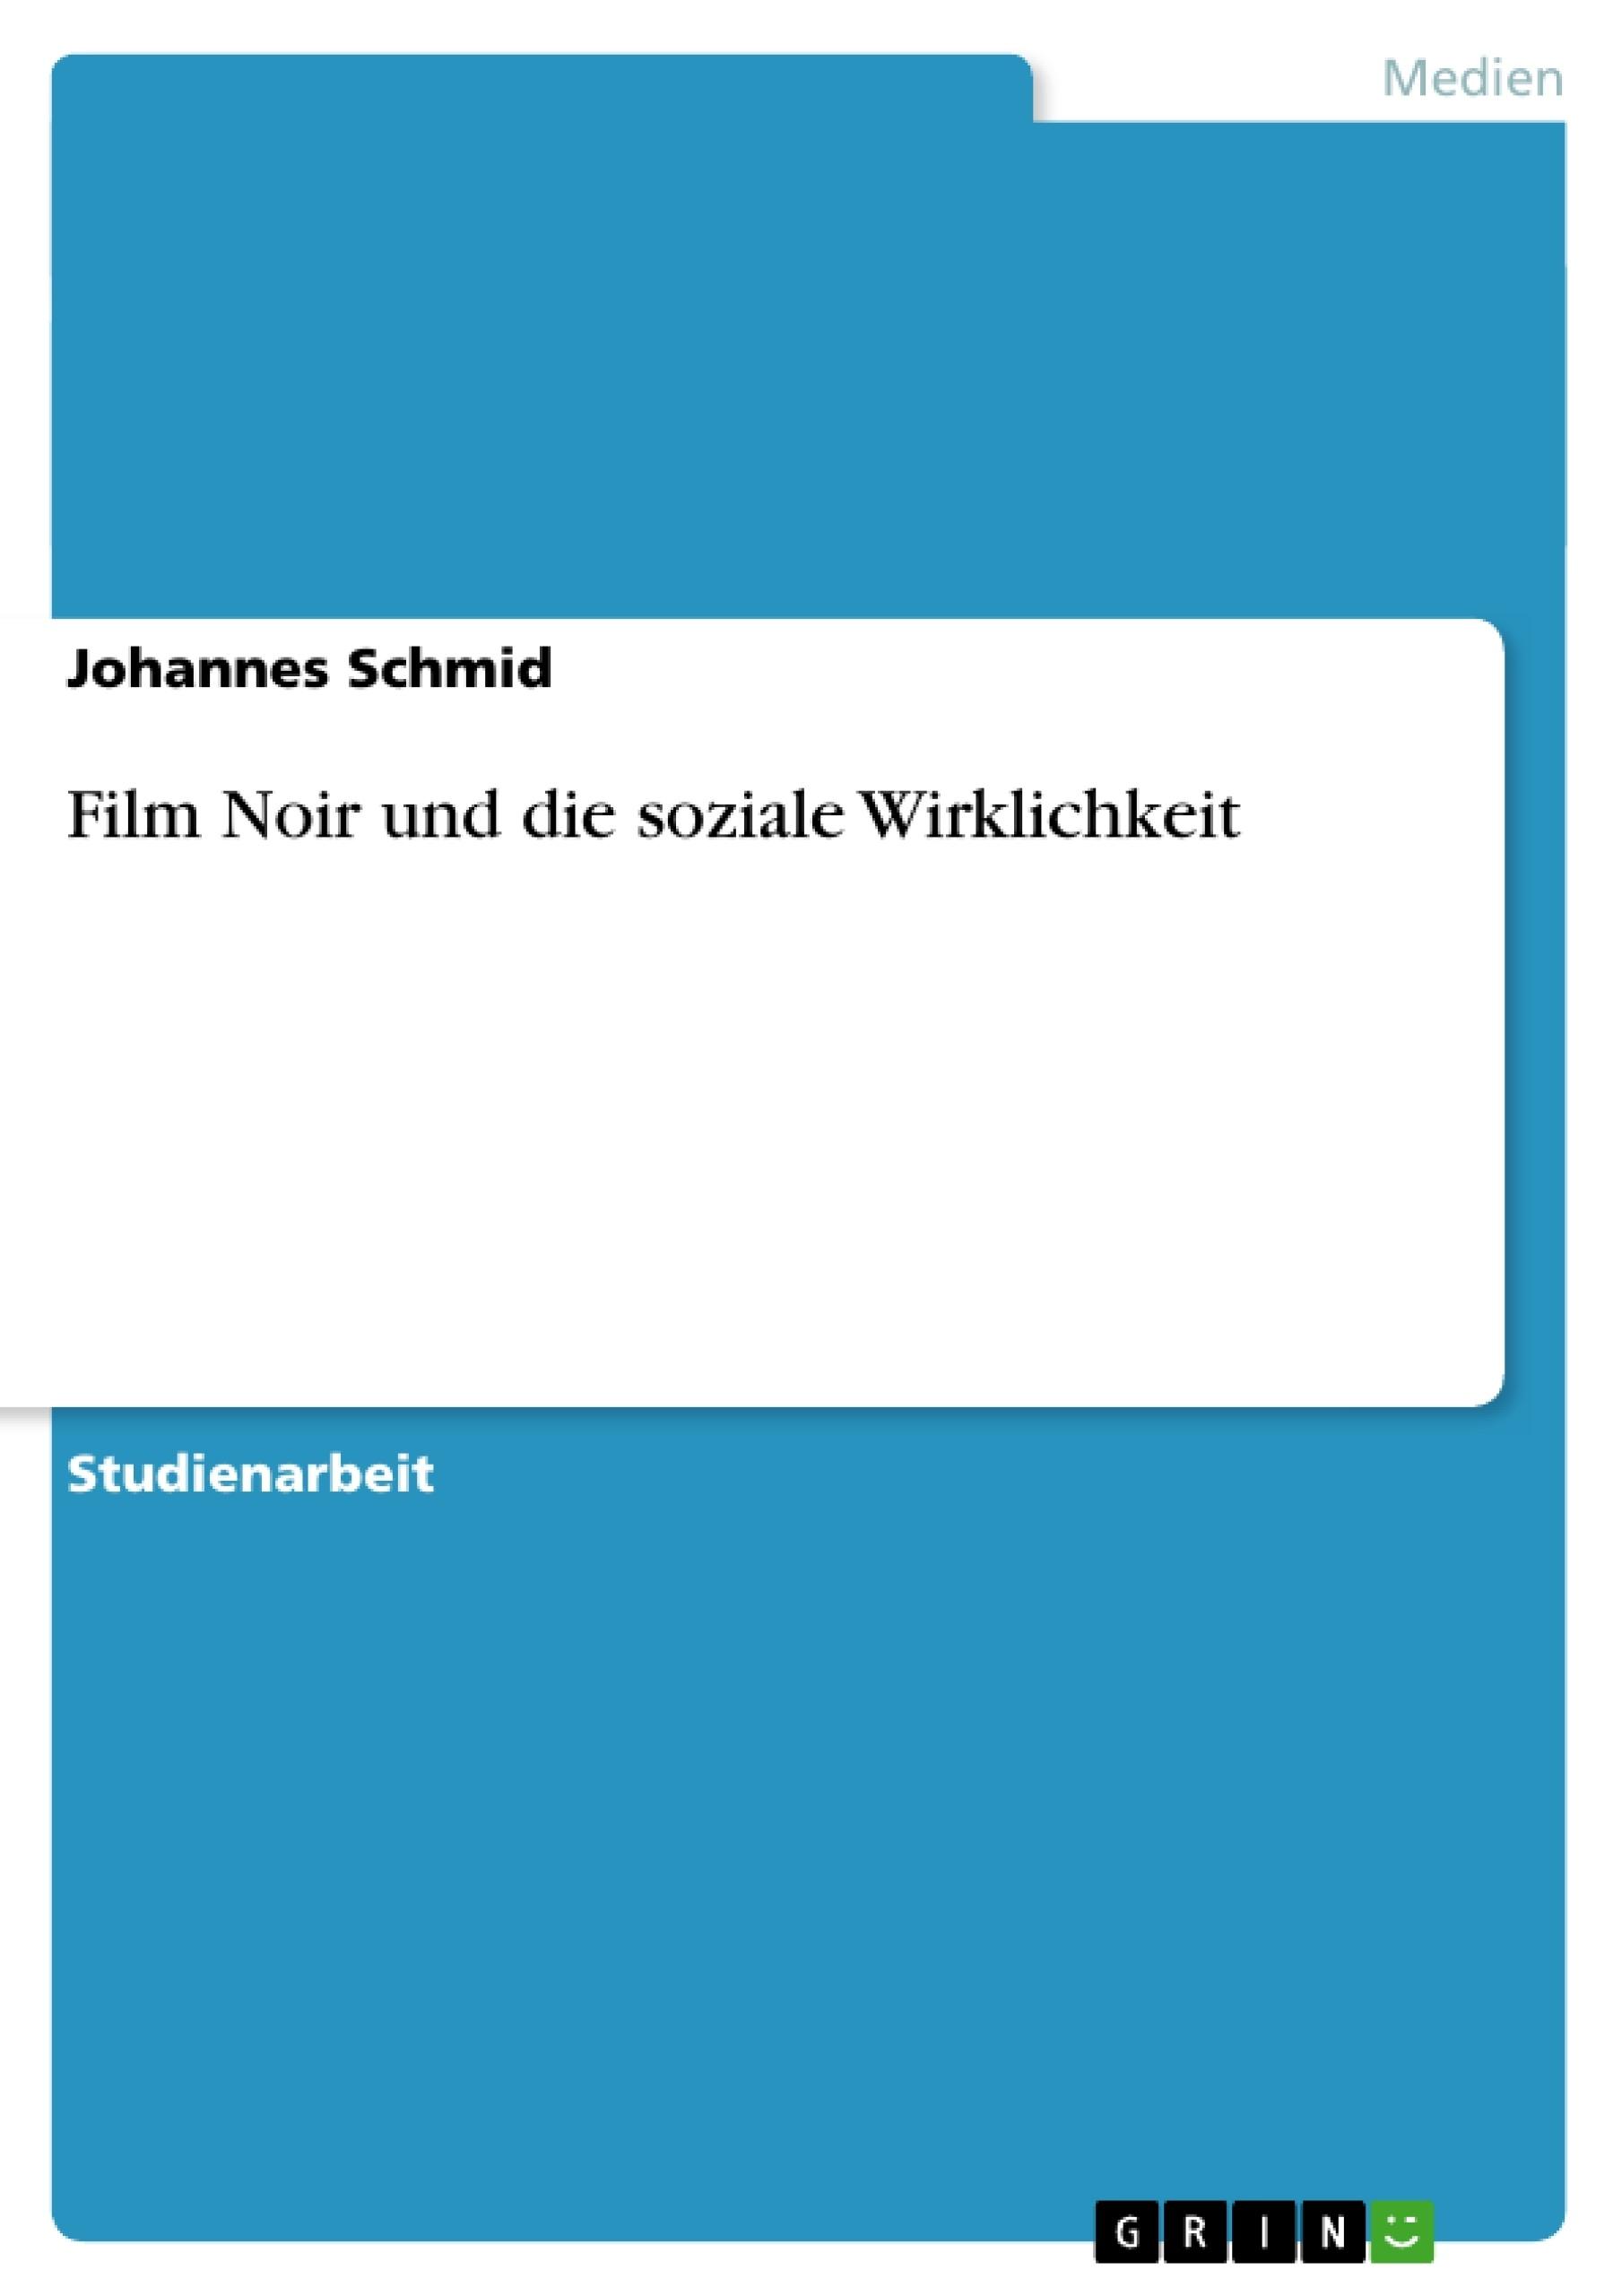 Titel: Film Noir und die soziale Wirklichkeit